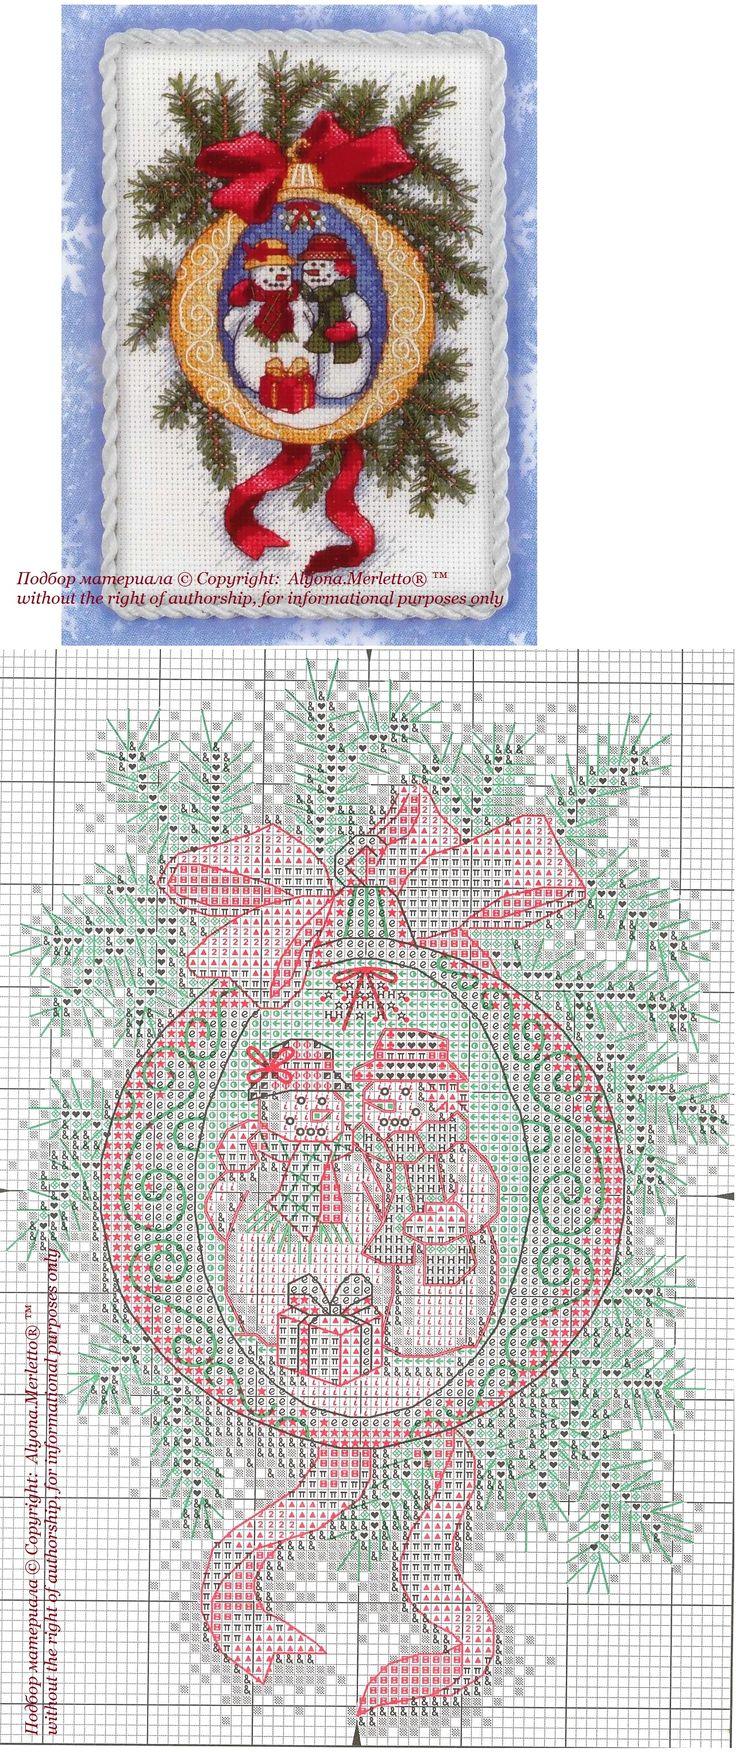 stitchmas,ВЫШИВКА,рождественская вышивка